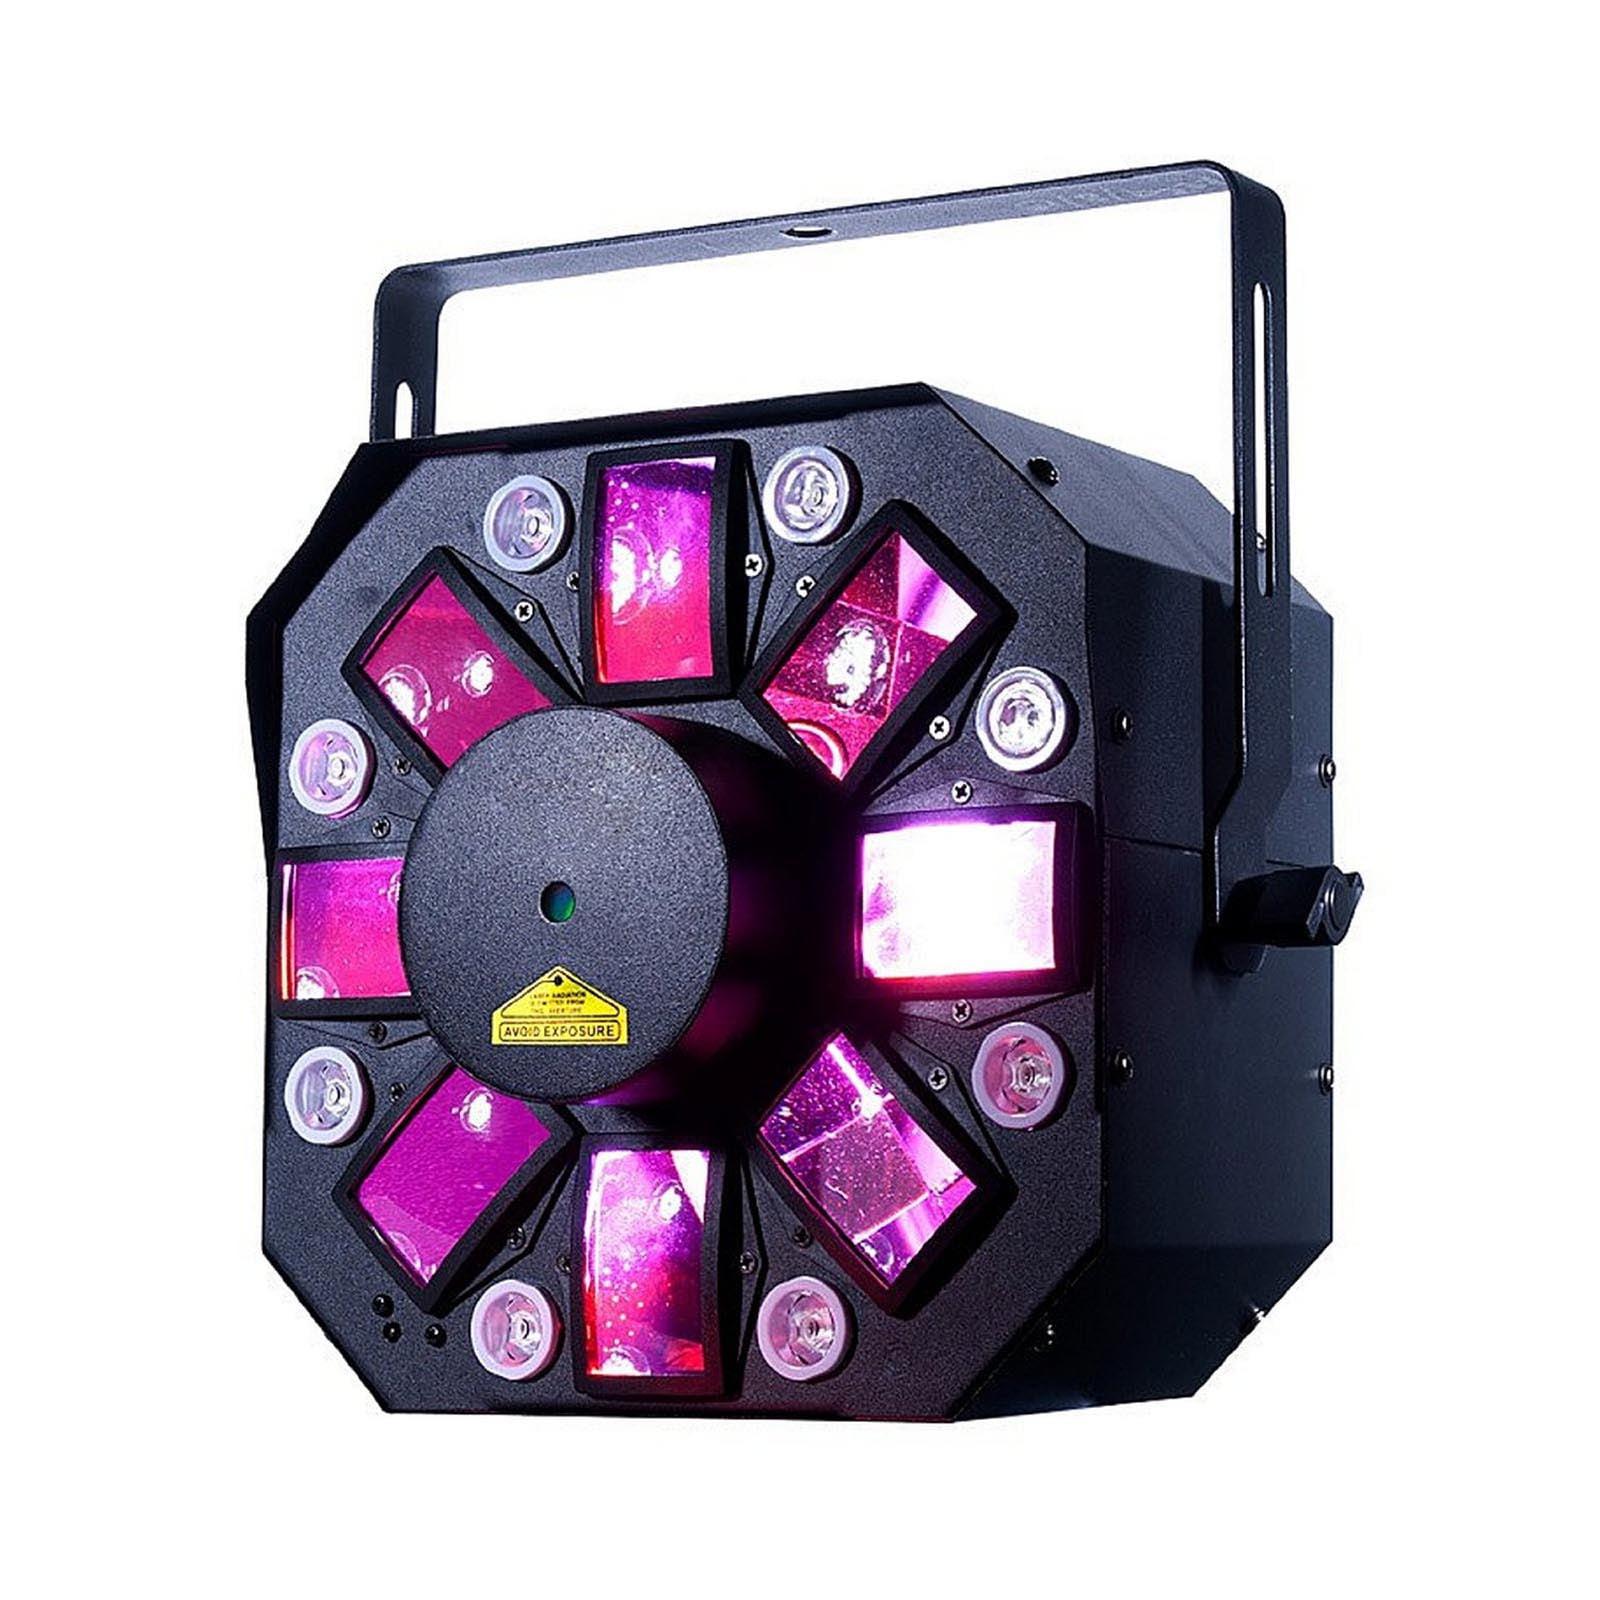 American DJ Stinger II 3 in 1 FX Moonflower Laser & UV Black Light | STINGER-II